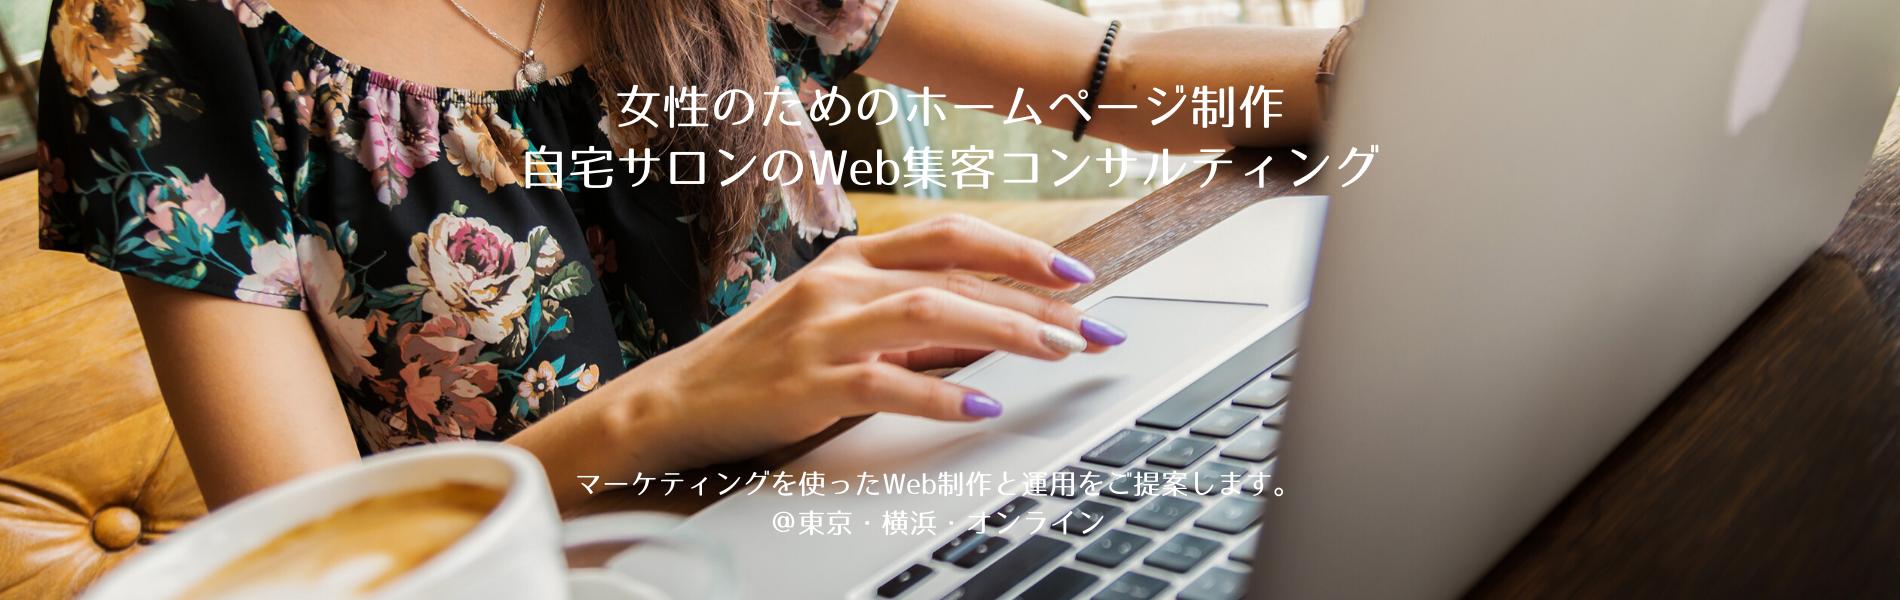 女性向け自宅サロンホームページ制作Web集客@東京・横浜・オンライン ヘッダー画像2